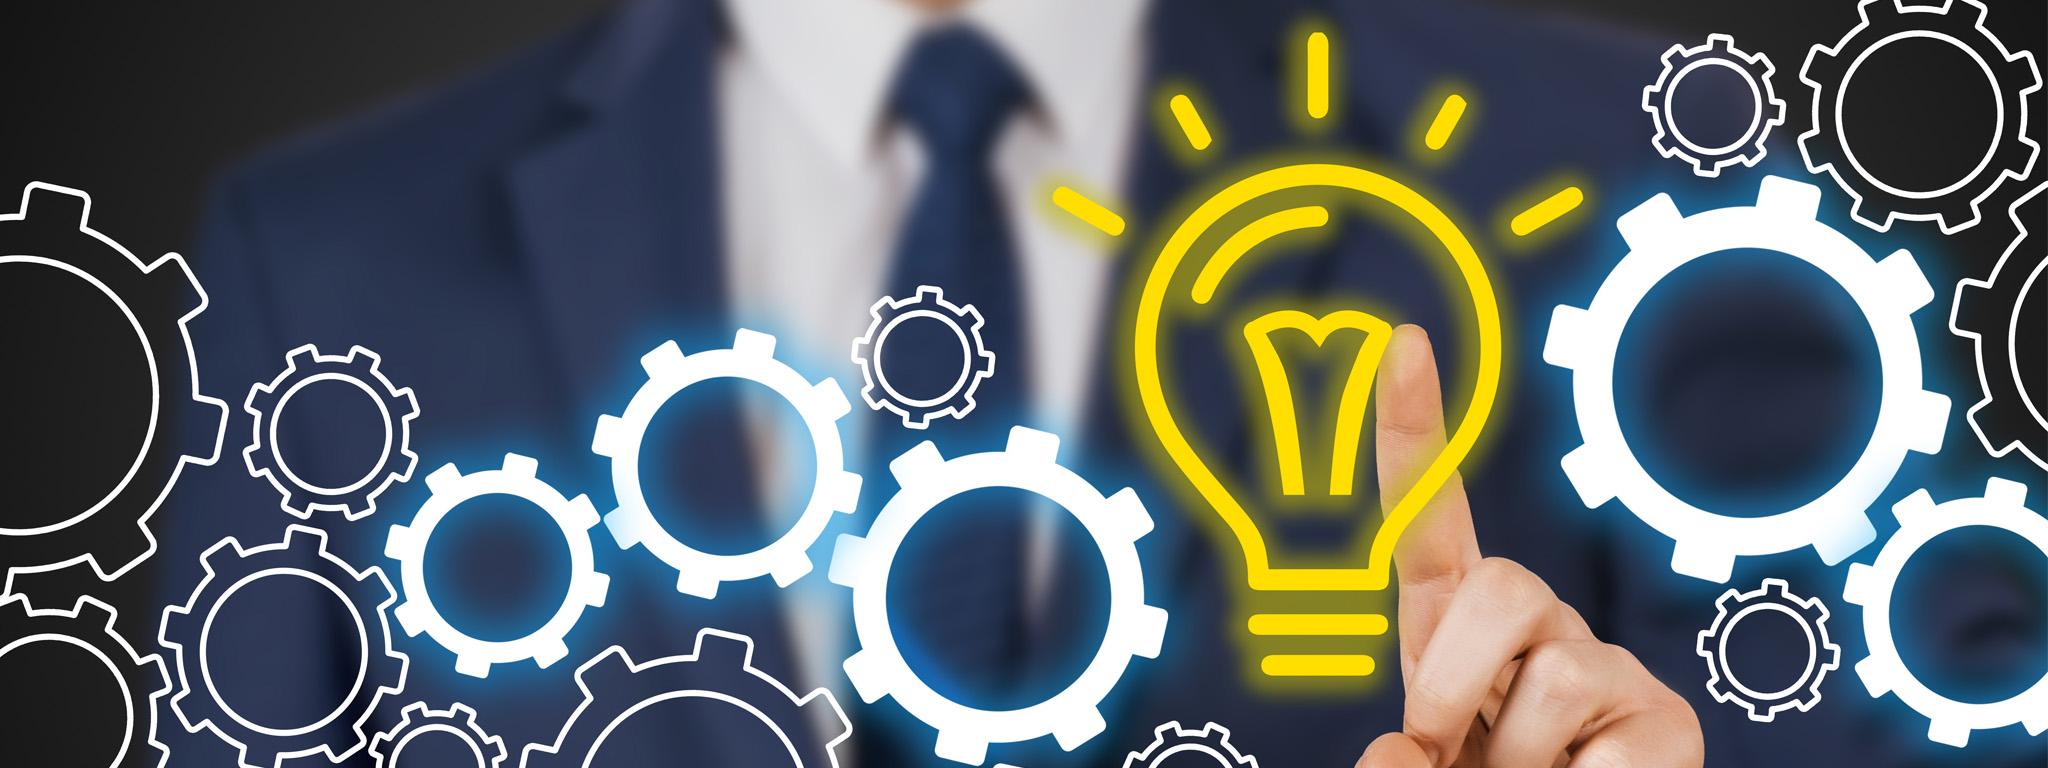 A man in a suit touching a vector image of a light bulb surrounded connected cogwheels (Um homem de terno tocando uma imagem de vetor de uma lâmpada cercada de engrenagens conectadas)